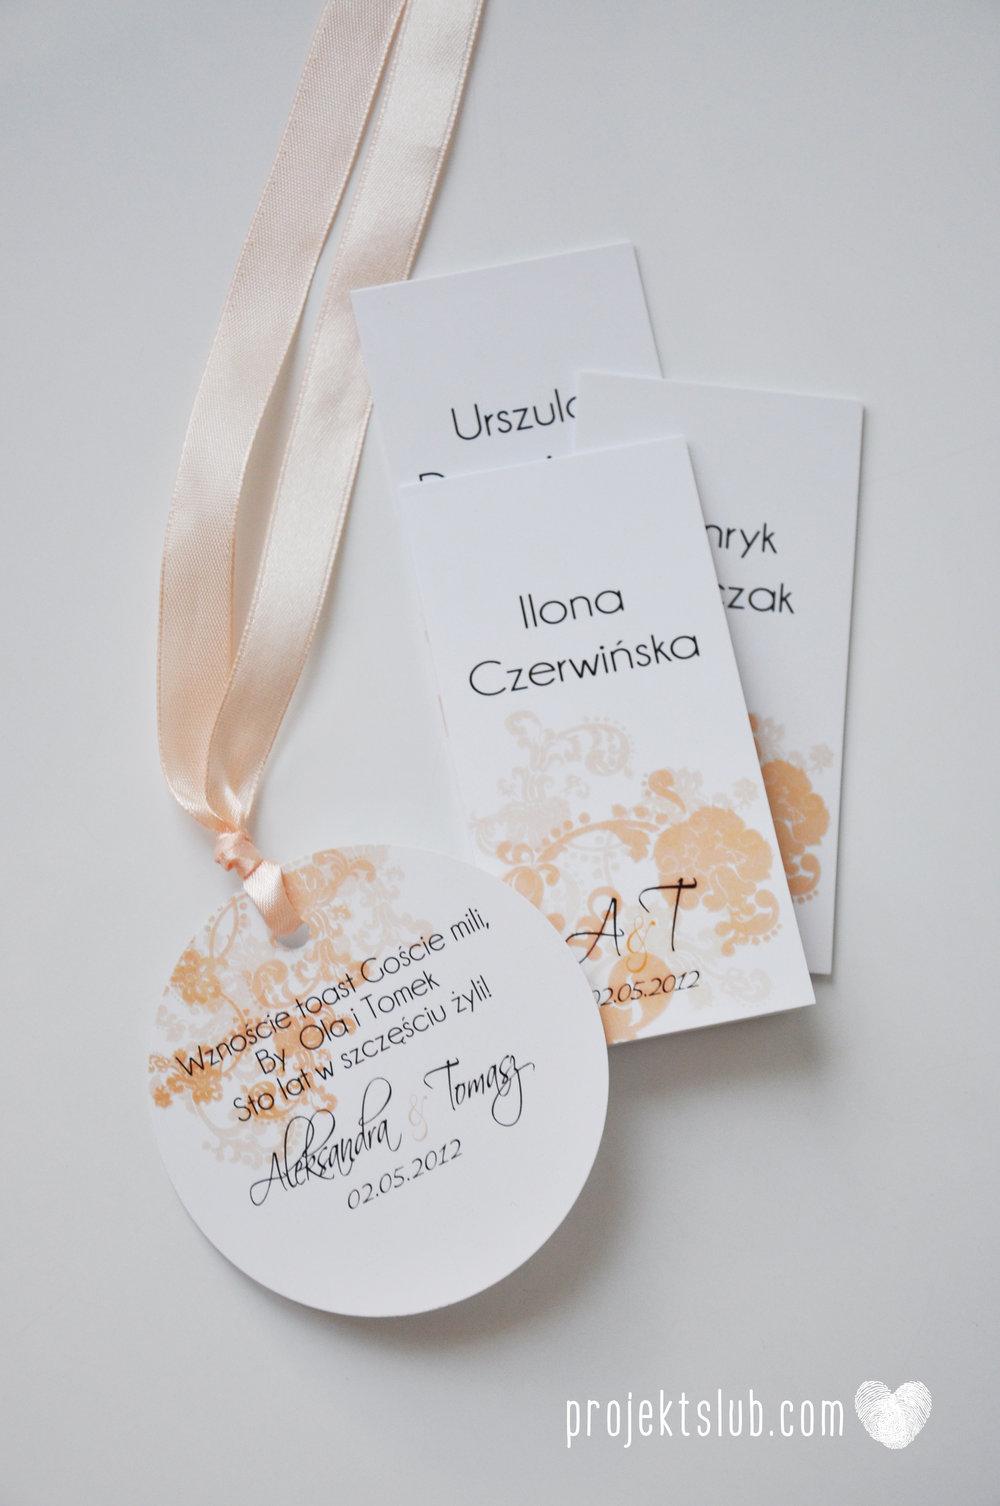 zaproszenia ślubne pudrowa elegancja róż pastele delikatne graficzne motywy klasyczny format projekt ślub (16).jpg